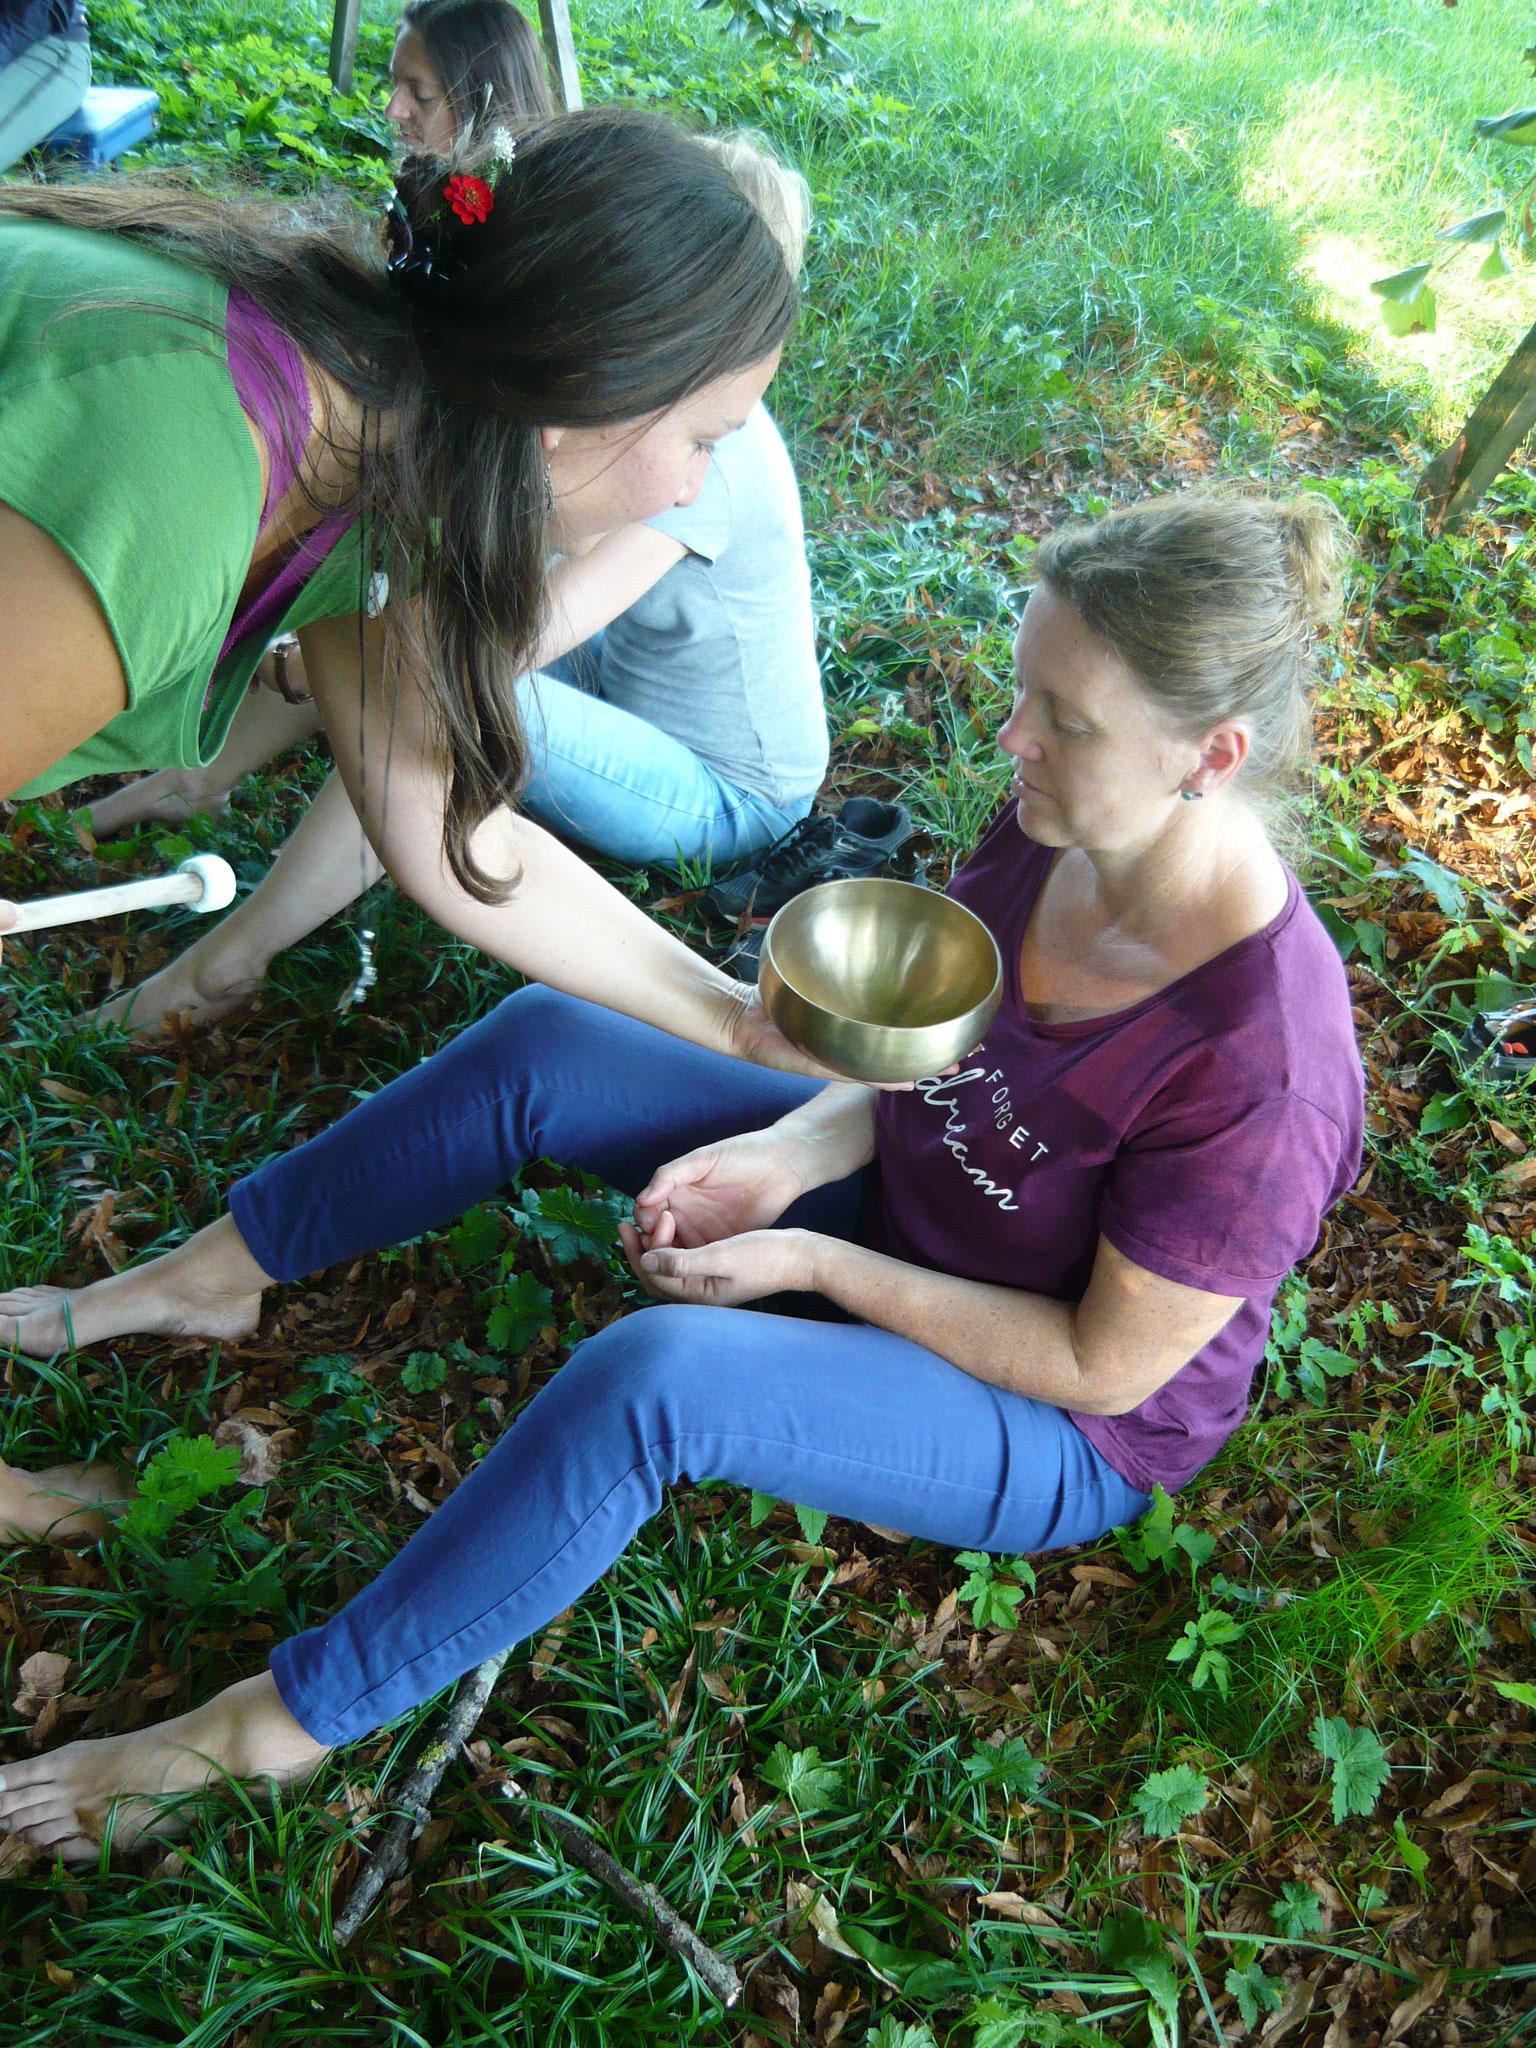 ... Naturmeditation, begleitet von den wohlklingenden Tönen der  Klangschale